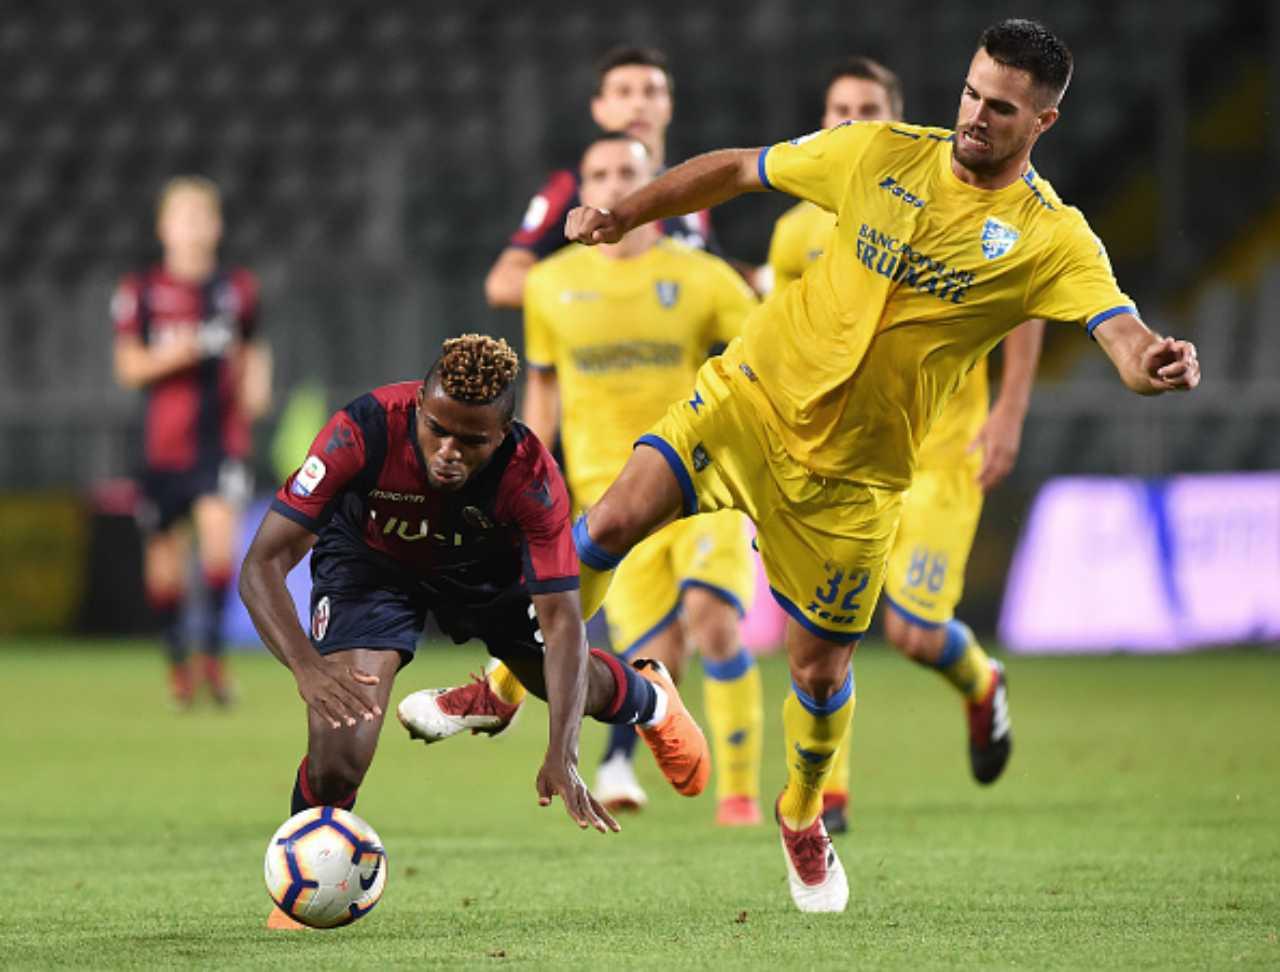 Calciomercato Benevento, rinforzo dal Frosinone: apertura per Krajnc